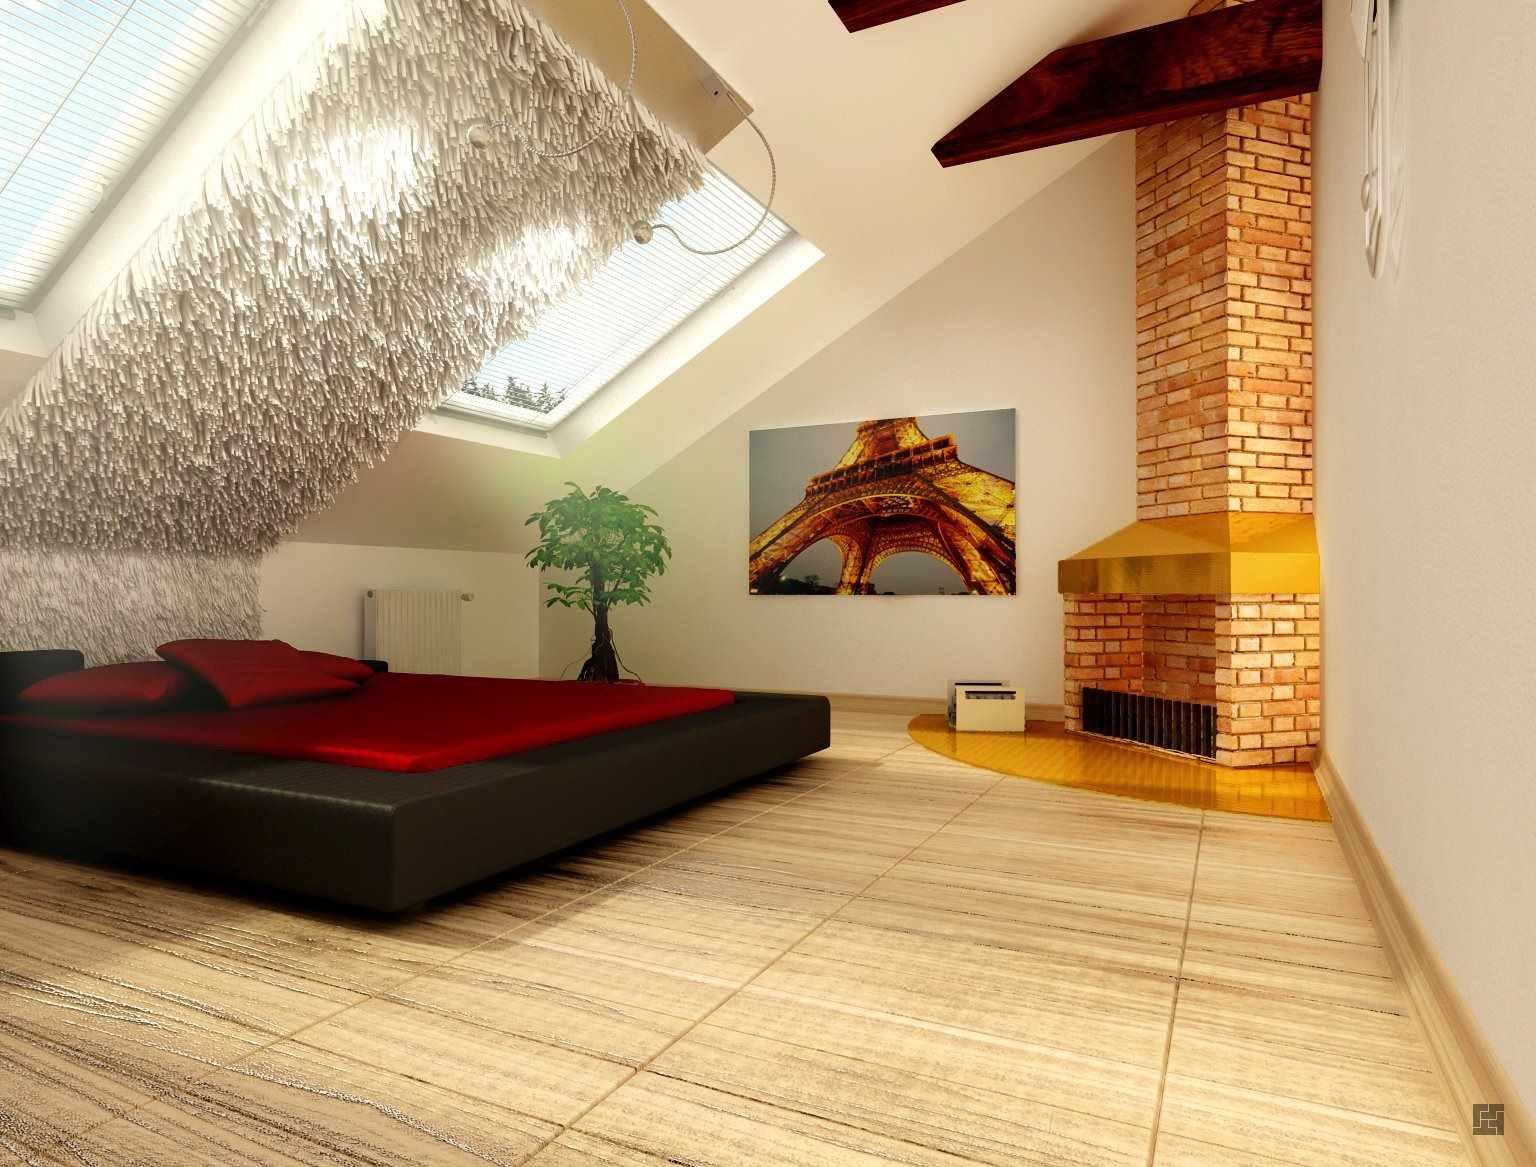 вариант красивого дизайна спальной комнаты в мансарде